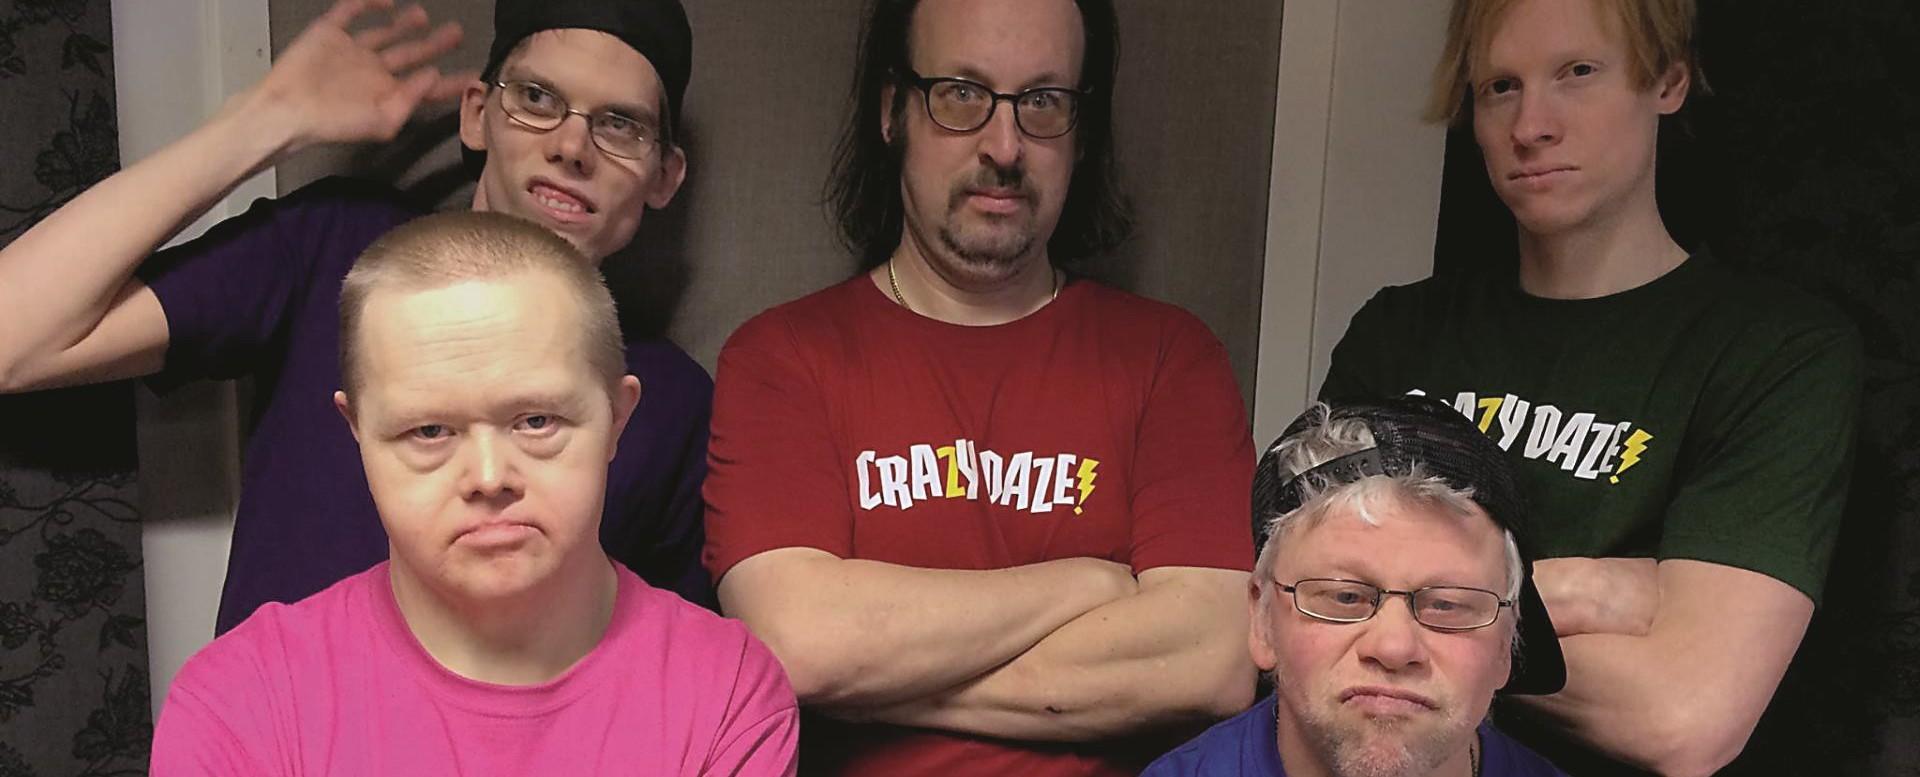 Švedska rock grupa Crazy Daze – koju čine osobe s Downovim sindromom – gostuje u Hrvatskoj